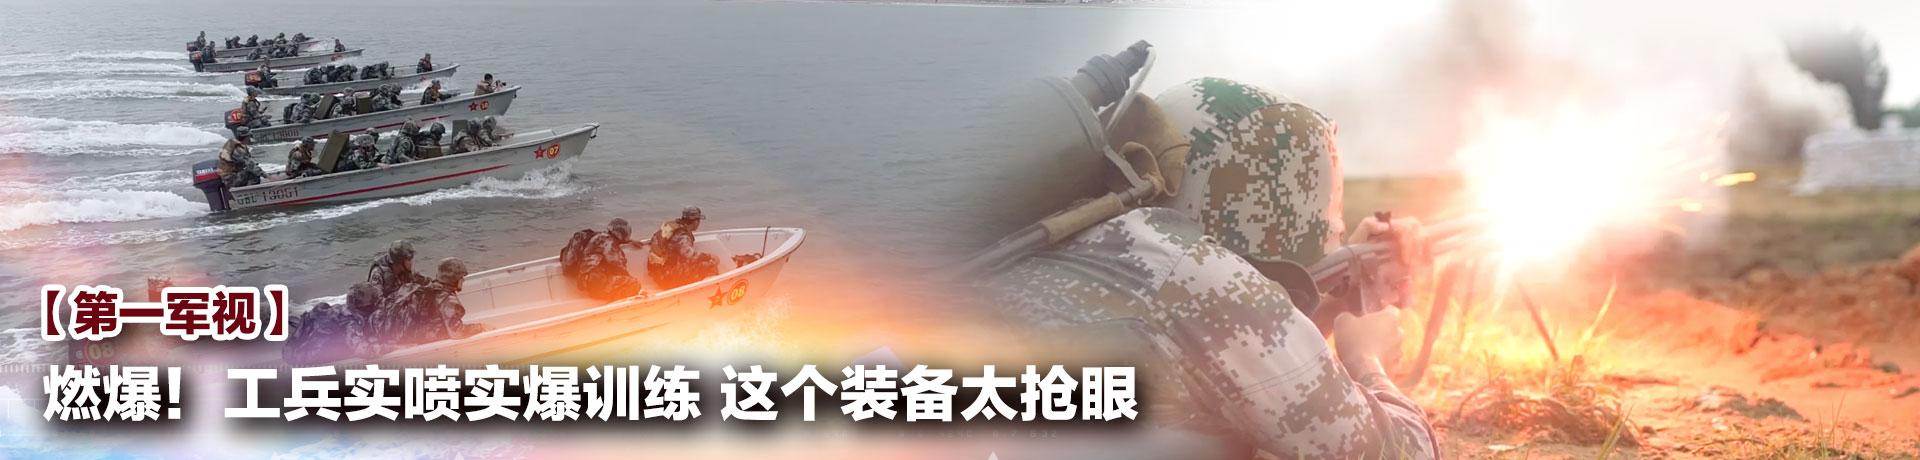 【第一军视】燃爆!工兵实喷实爆训练 这个装备太抢眼